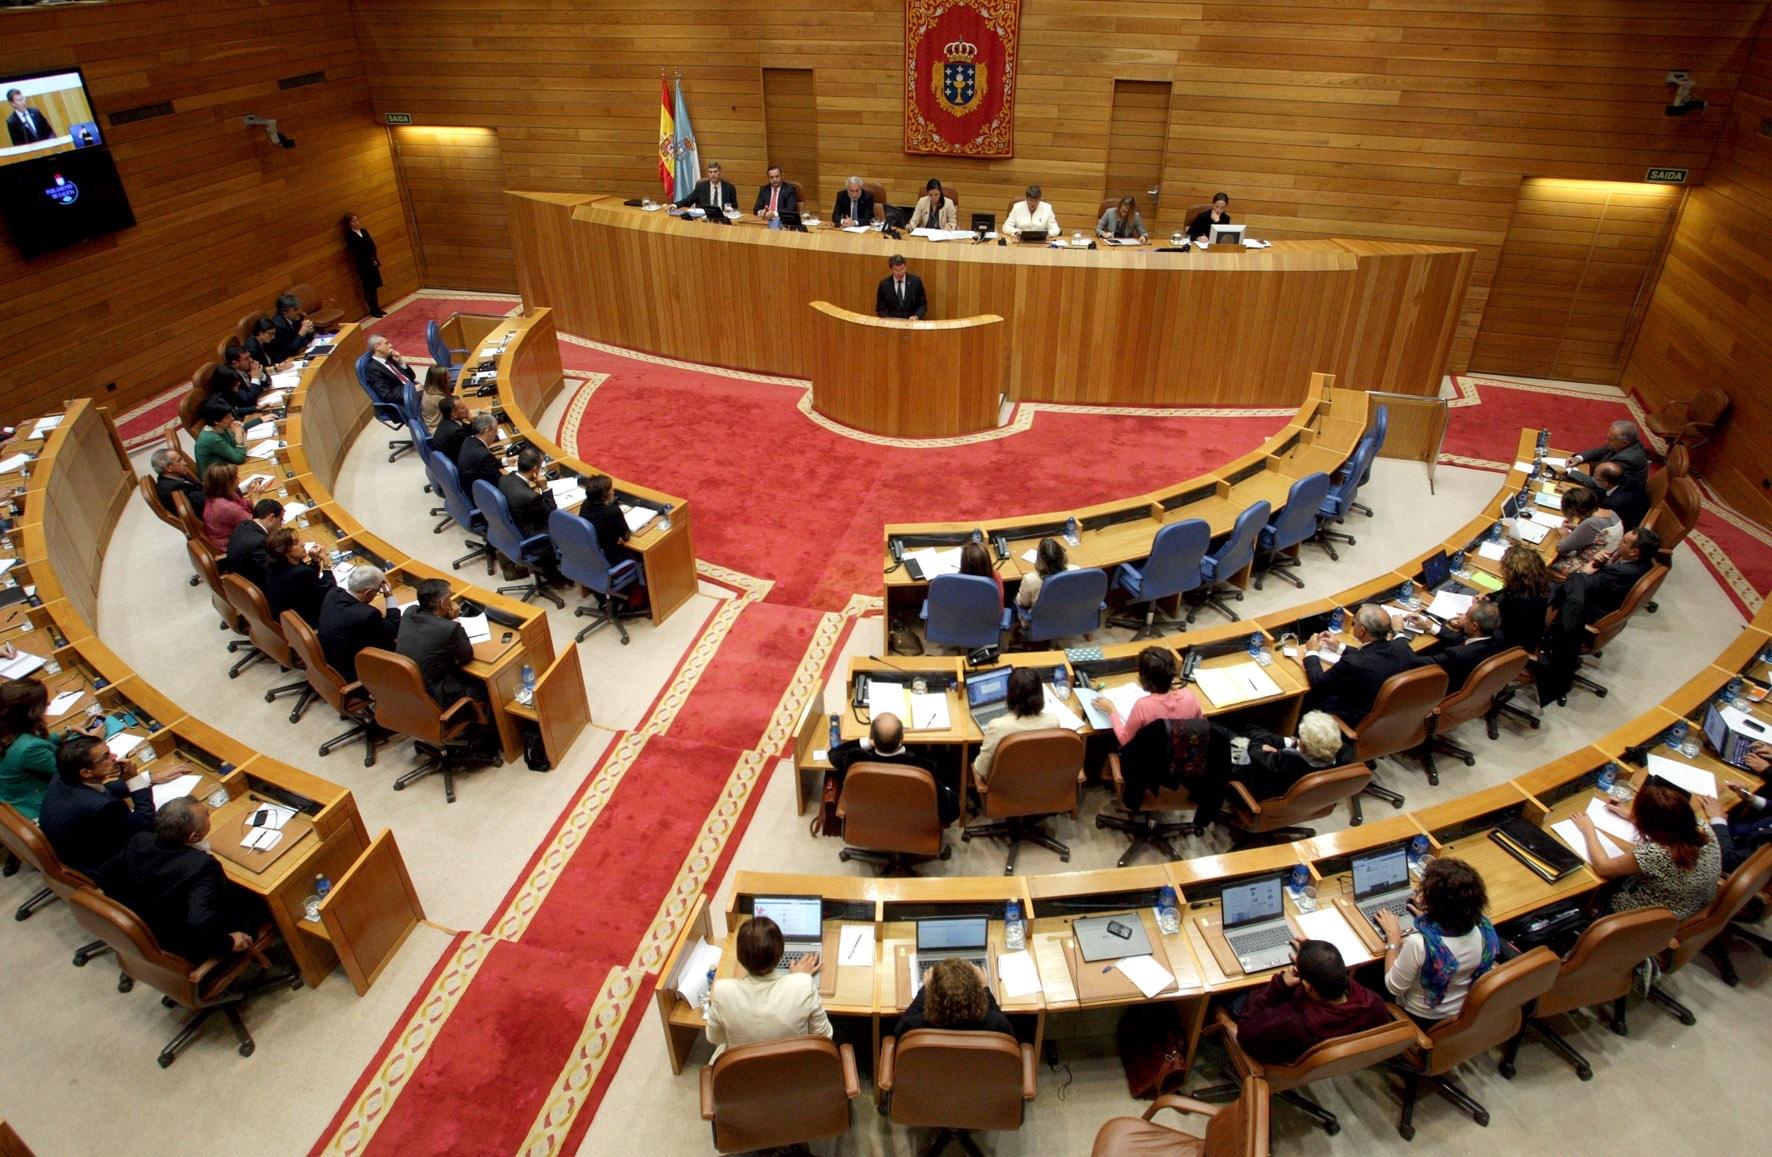 (AV.Sólo dos propuestas de las 200 presentadas, sobre preferentes y la flota en Mauritania, logran unanimidad